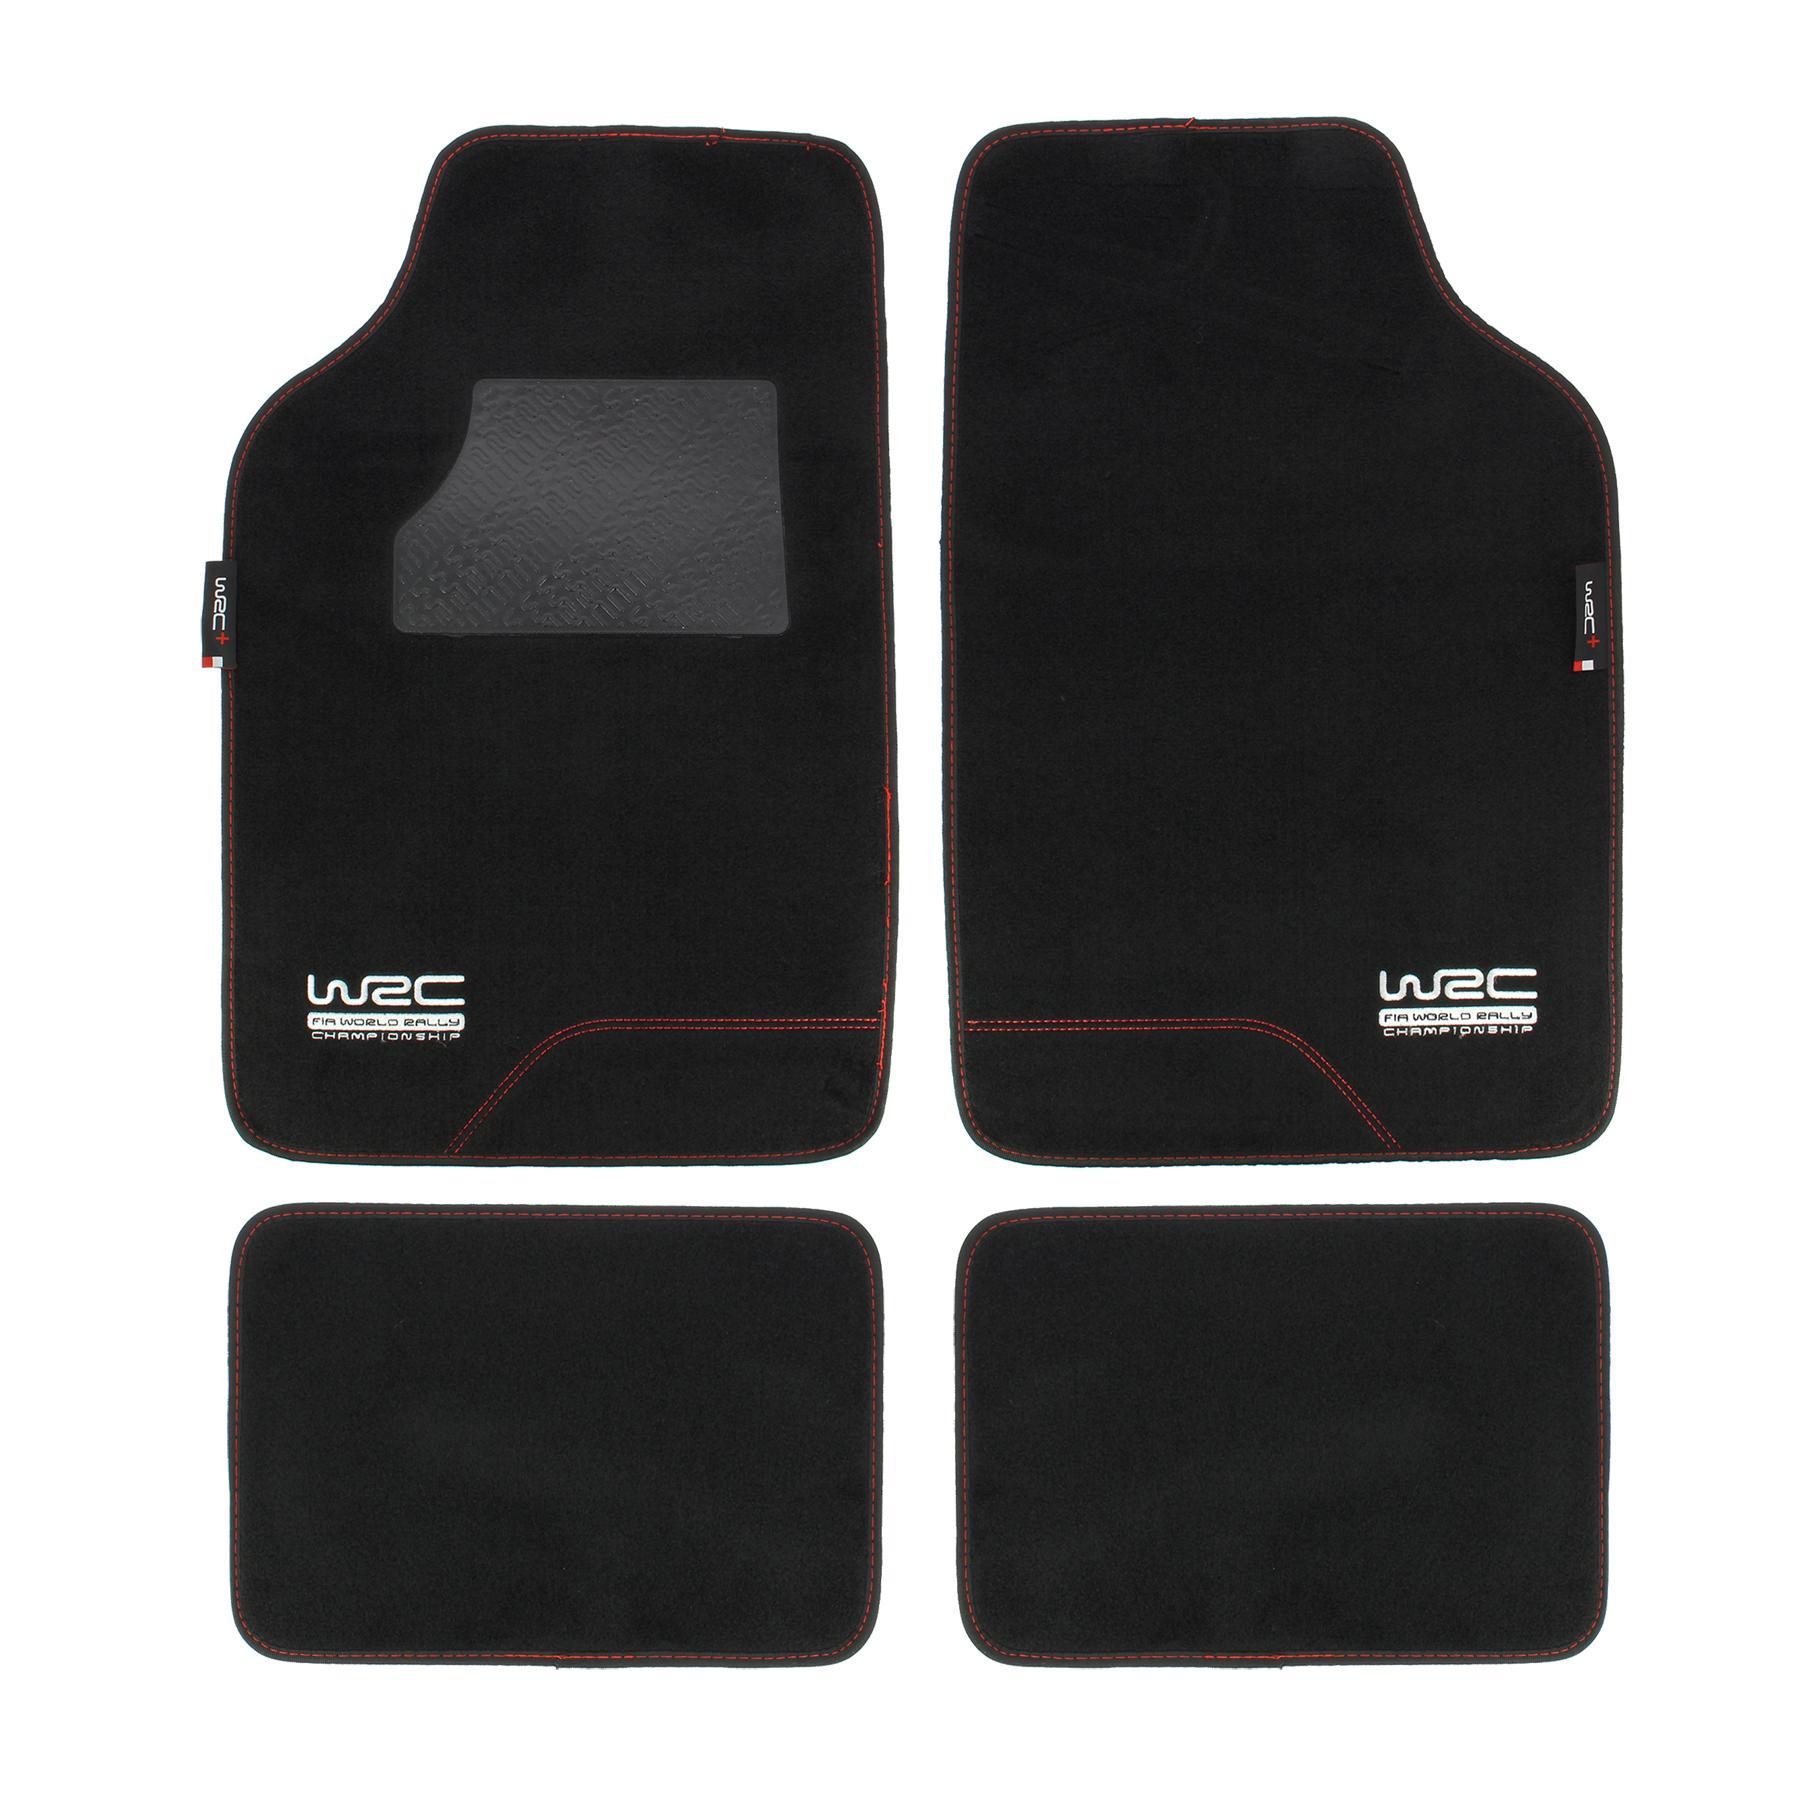 Conjunto de tapete de chão 007592 WRC 007592 de qualidade original